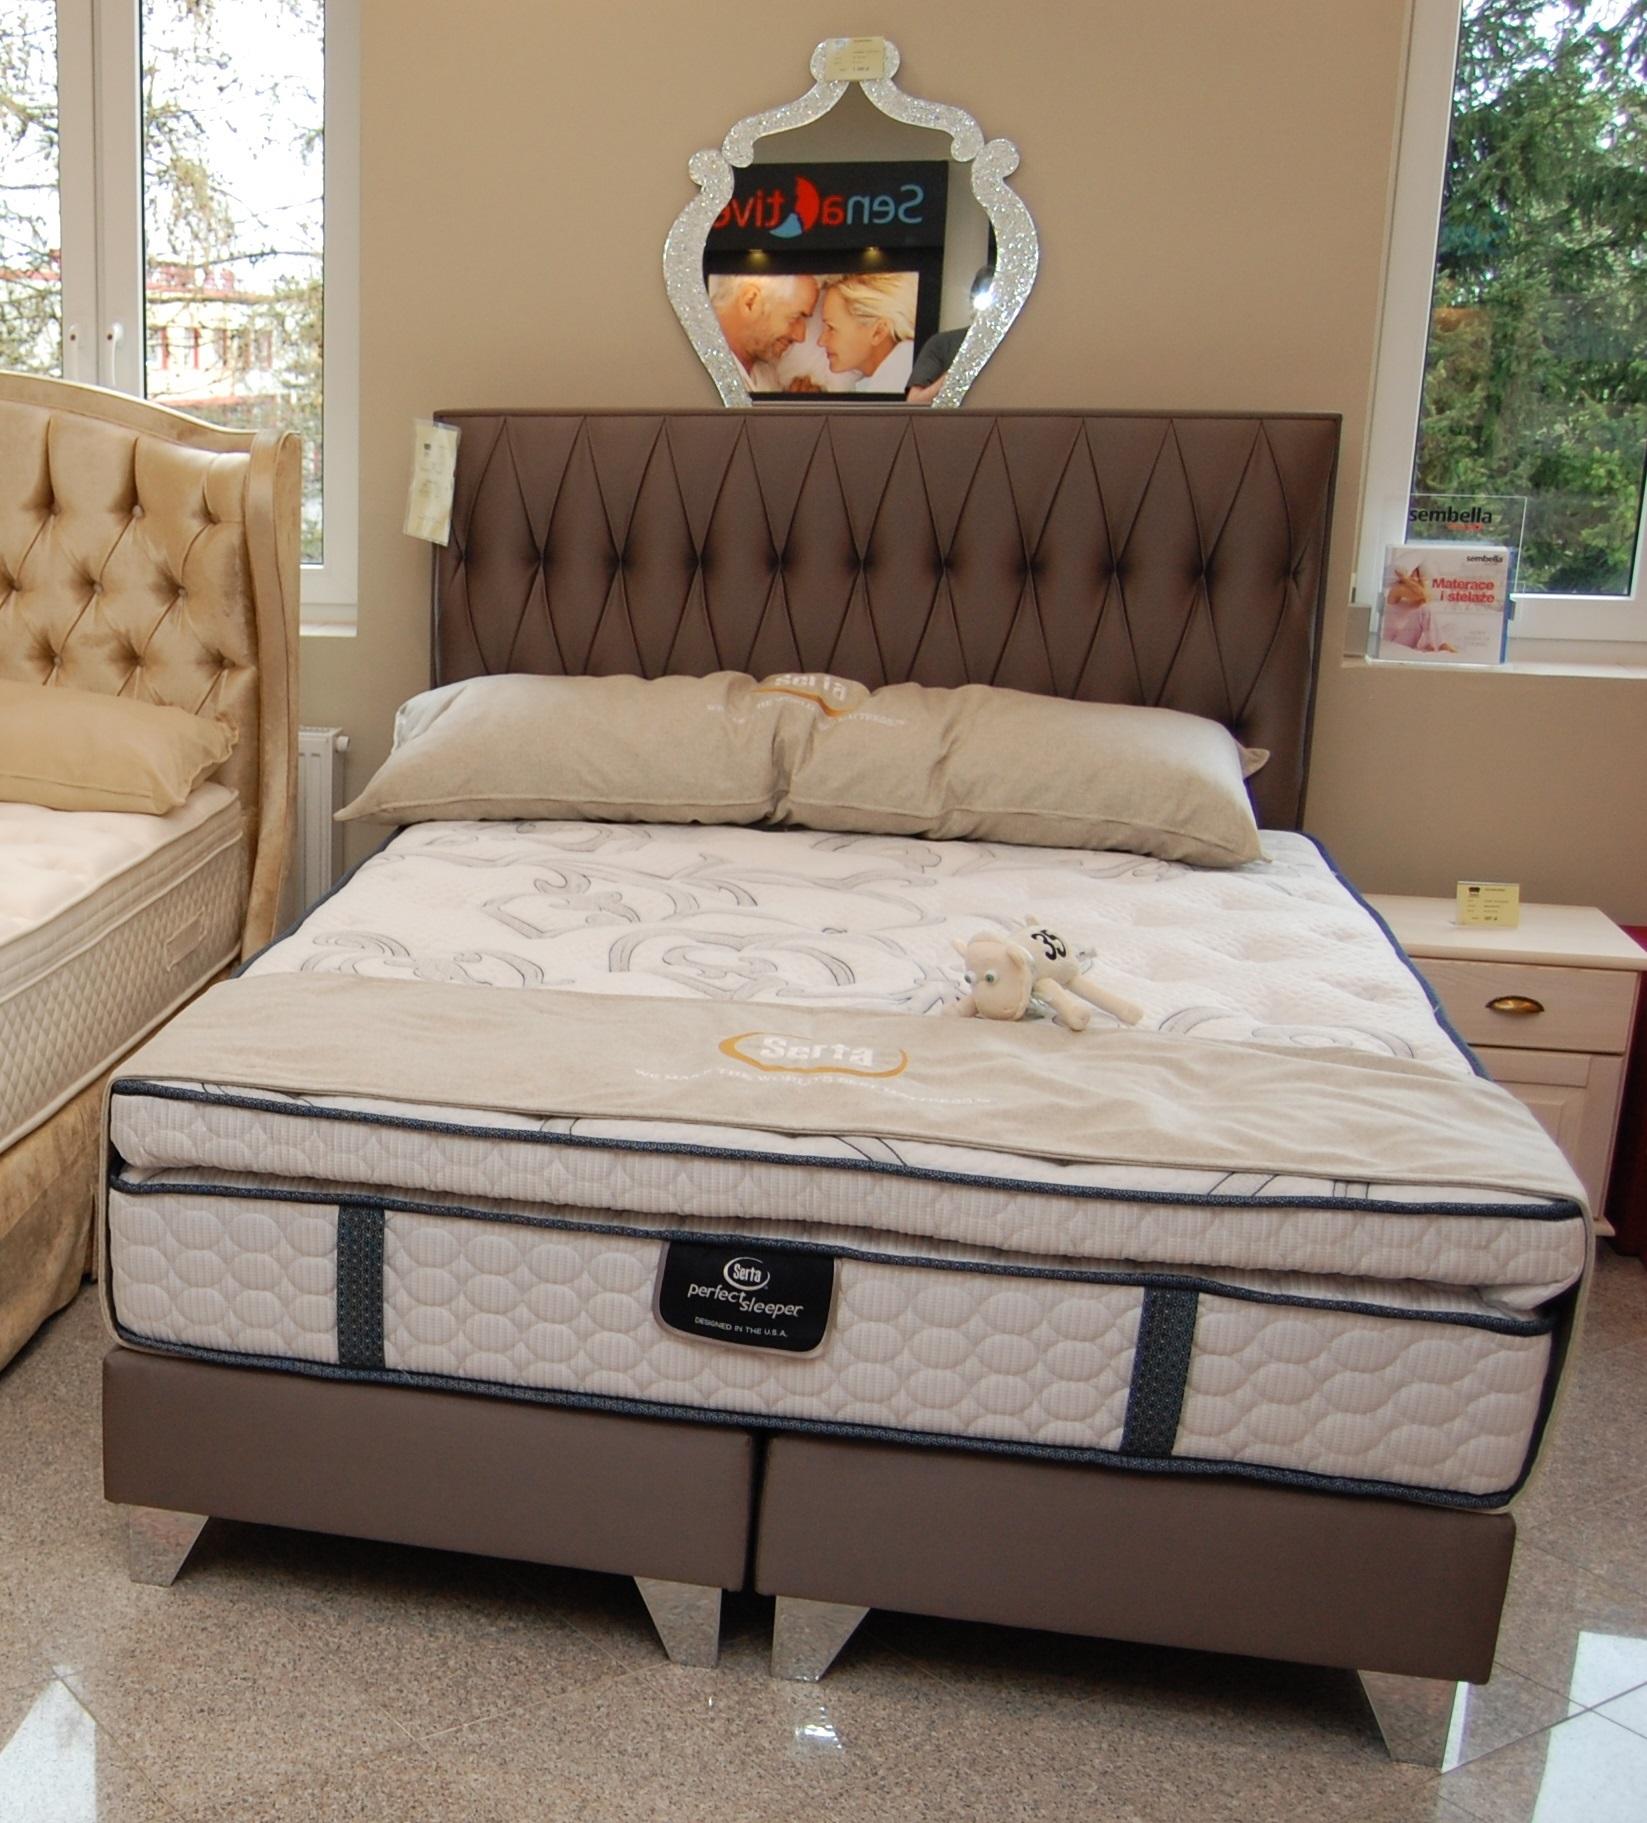 łóżko Kontynentalne Lozan Amerykańskiej Firmy King Koil